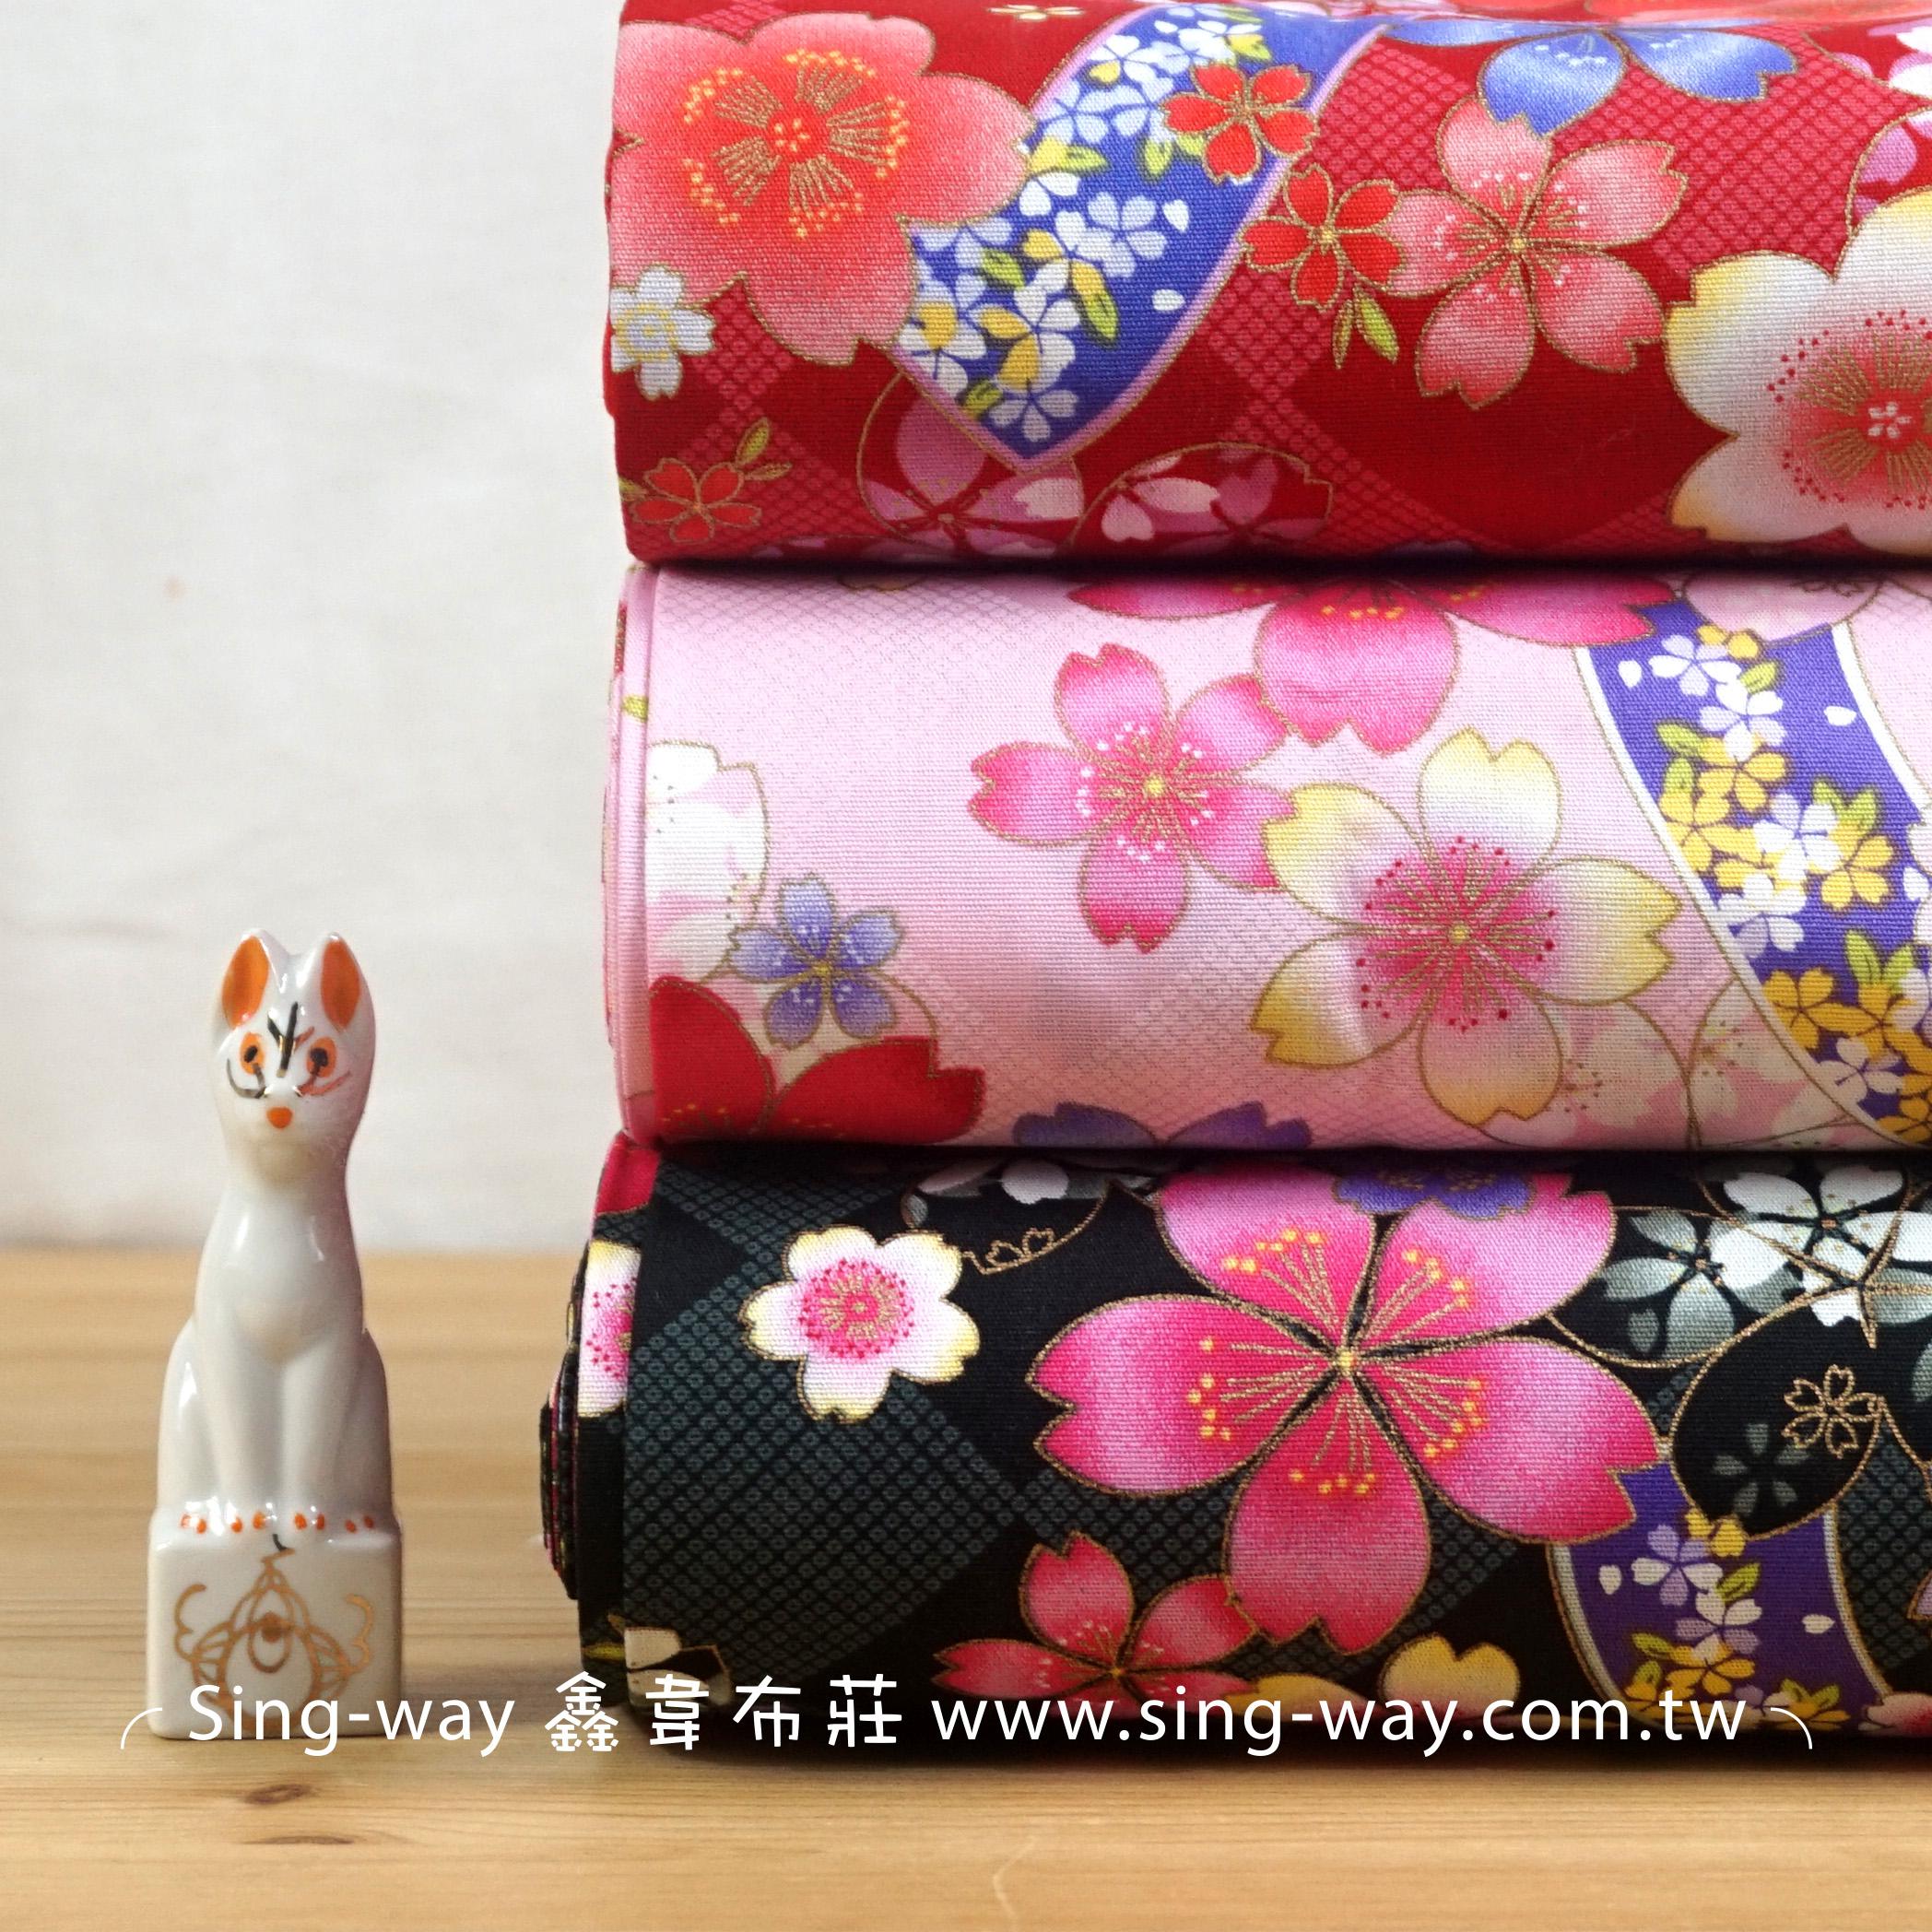 櫻花盛放 日式和風燙金邊花卉 節慶佈置 紅包袋 手工藝DIy拼布布料 CA450716